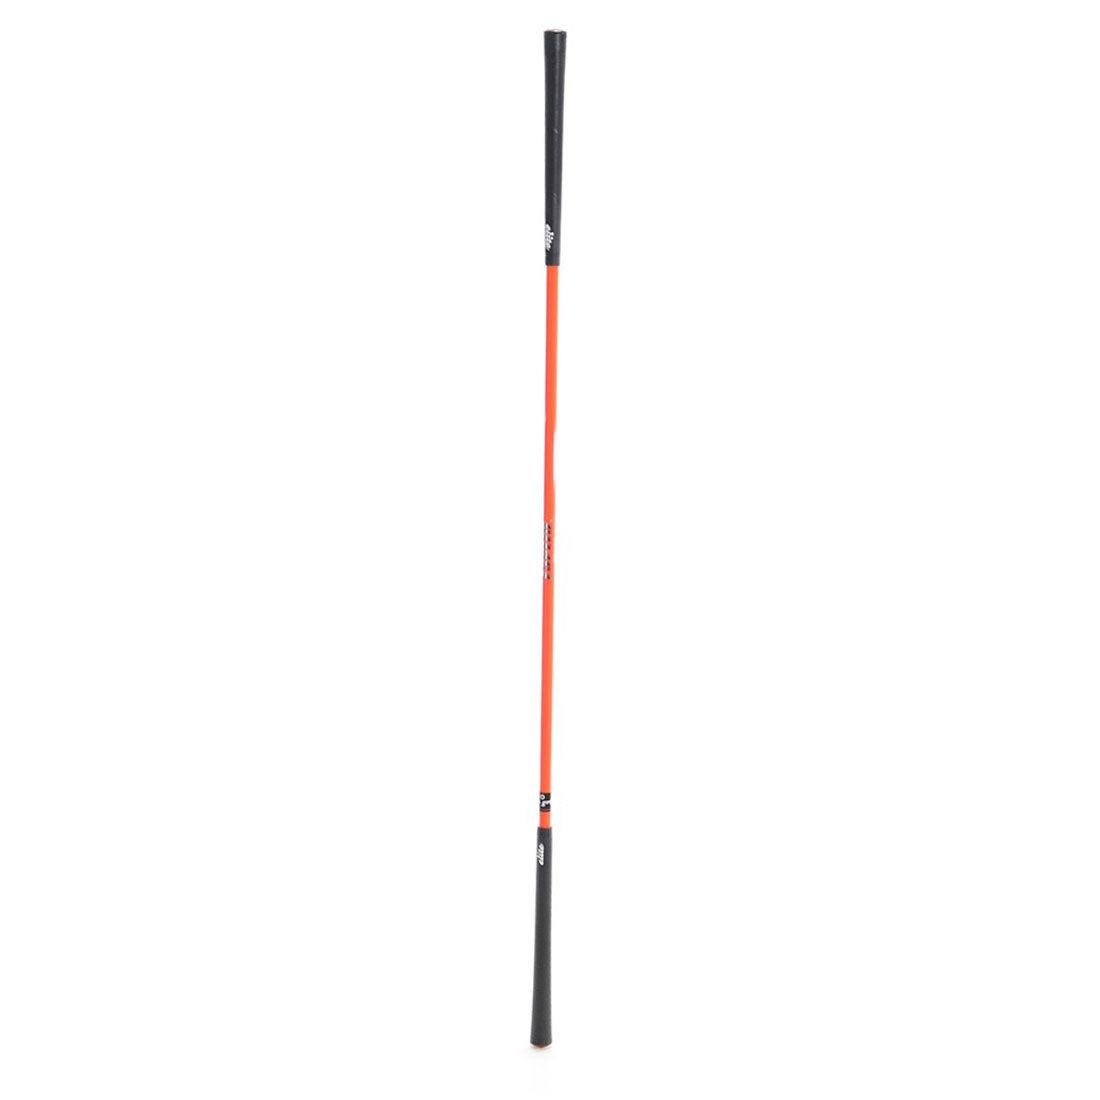 エリート ELITE ユニセックス ゴルフ スイング練習器具 1SPEED ORANGE 0850502006